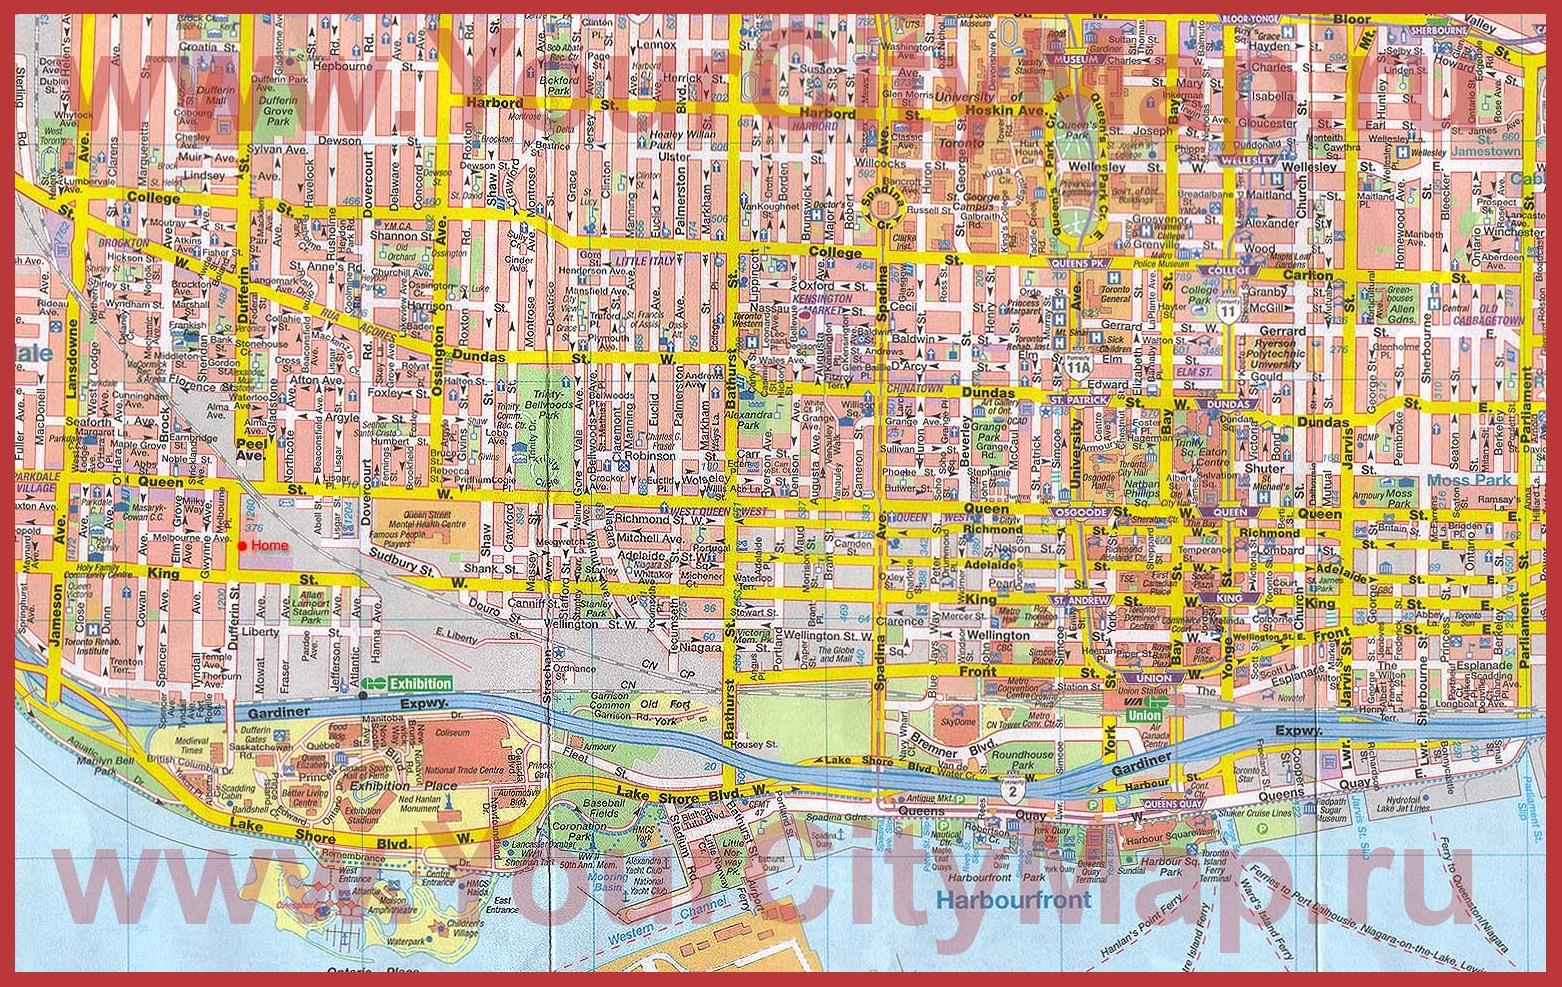 Подробная карта города Торонто: http://yourcitymap.ru/kanada/karta-toronto/podrobnaya-karta-goroda-toronto.shtml